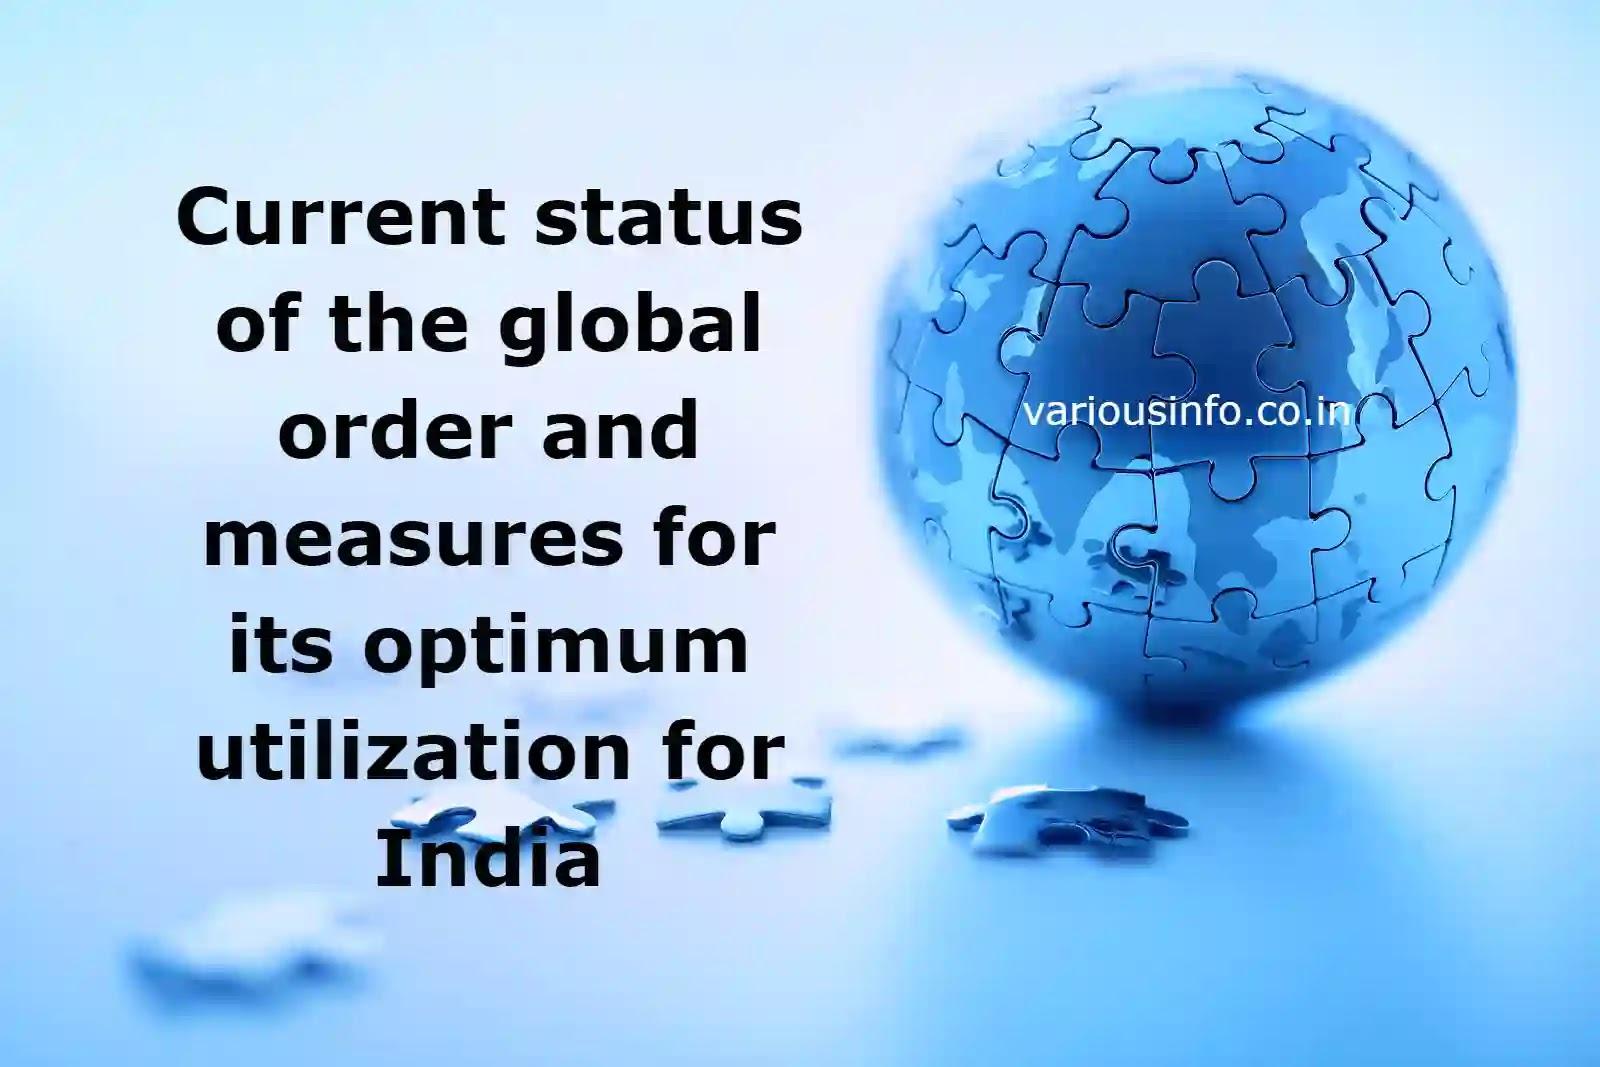 वैश्विक व्यवस्था की वर्तमान स्थिति और भारत के लिए इसके इष्टतम उपयोग के उपाय (Current status of the global order and measures for its optimum utilization for India)